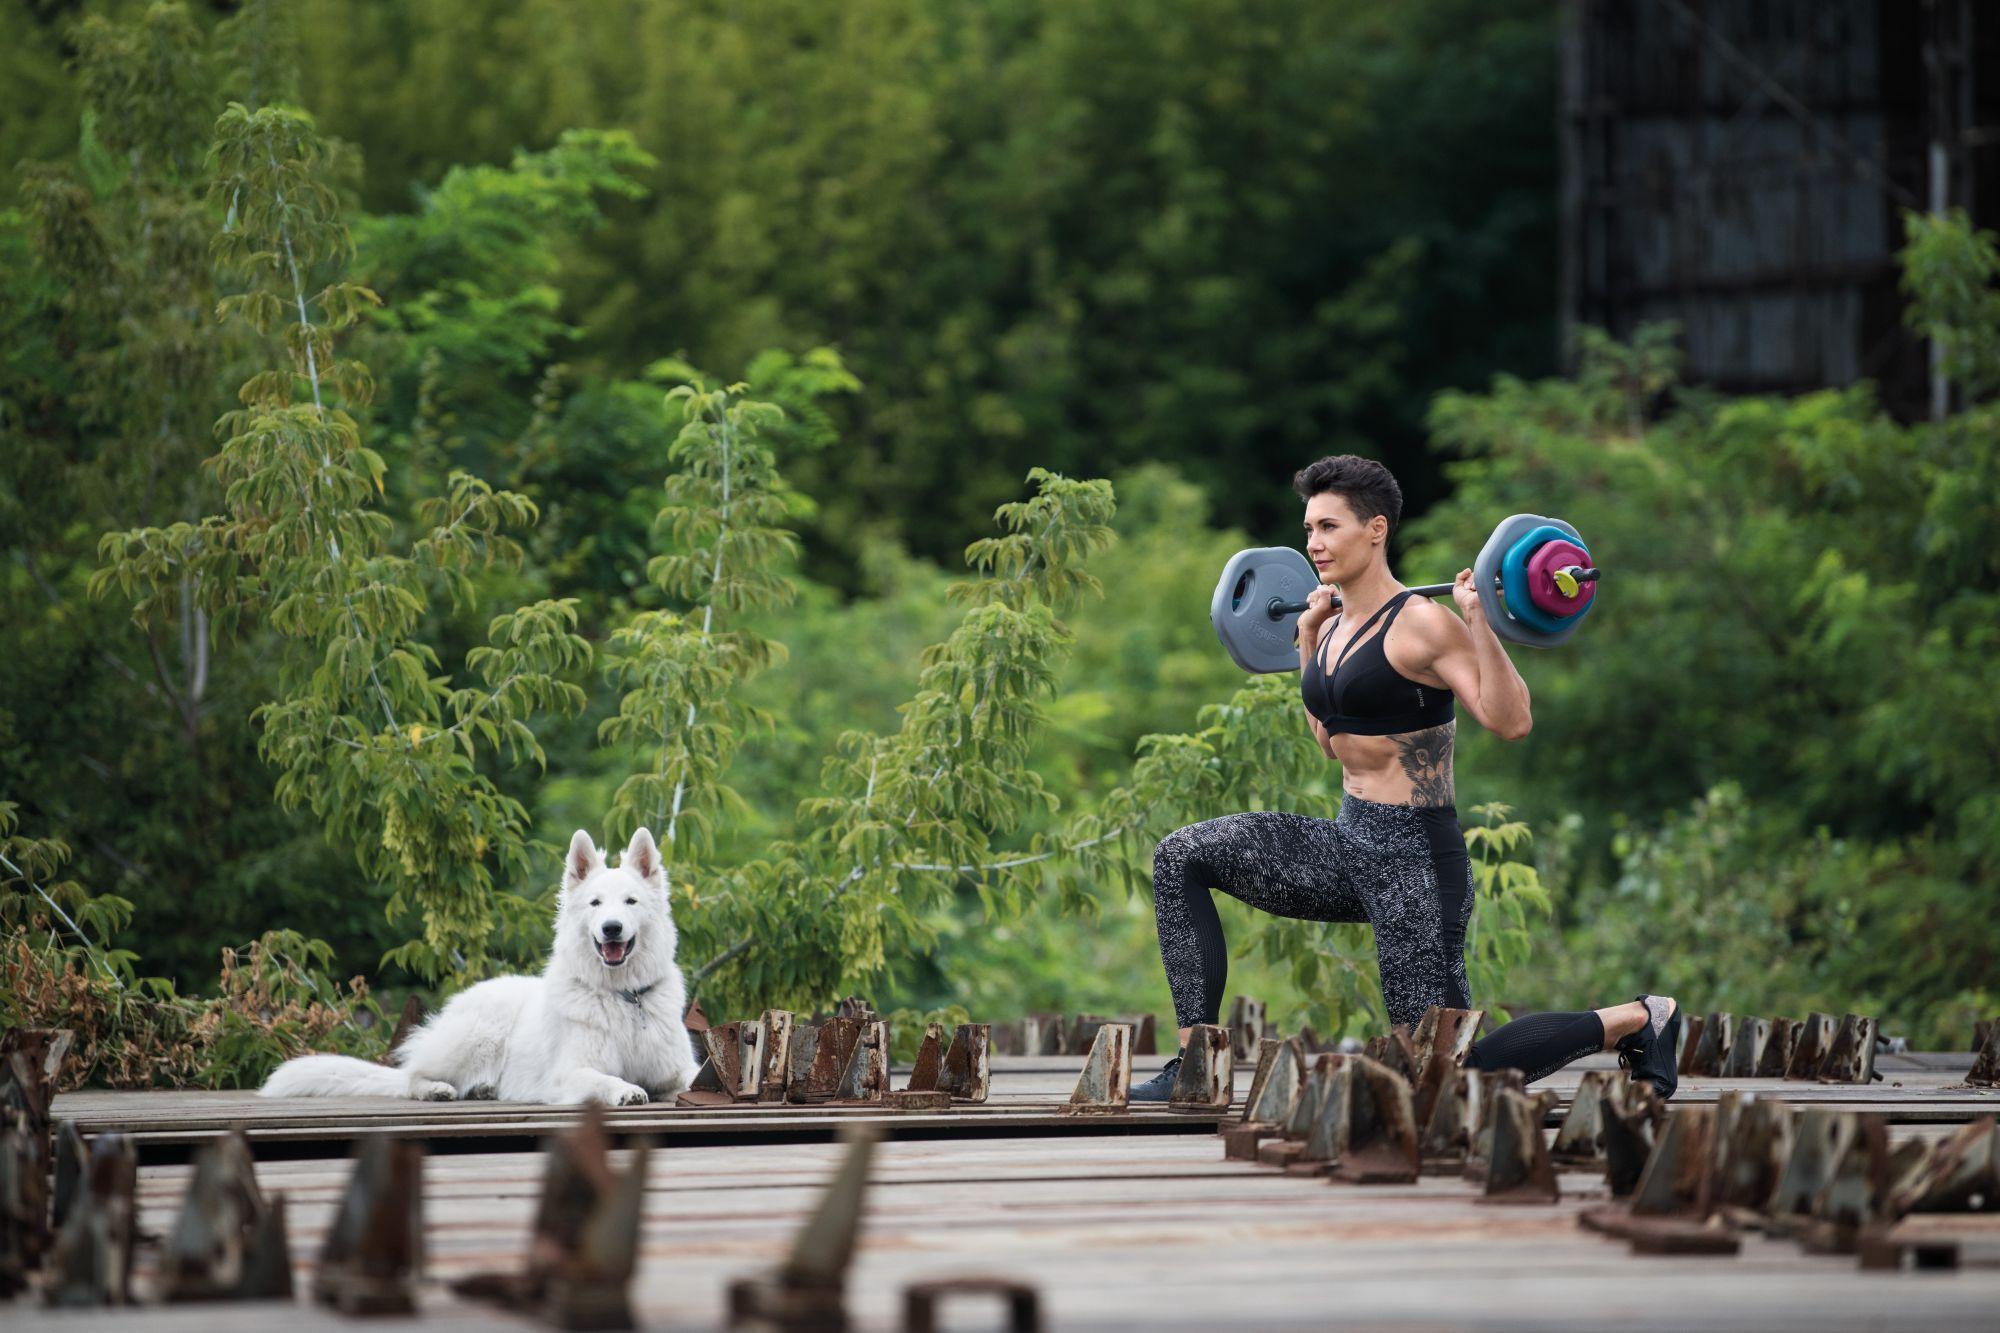 Как правильно подобрать аксессуары для фитнеса?